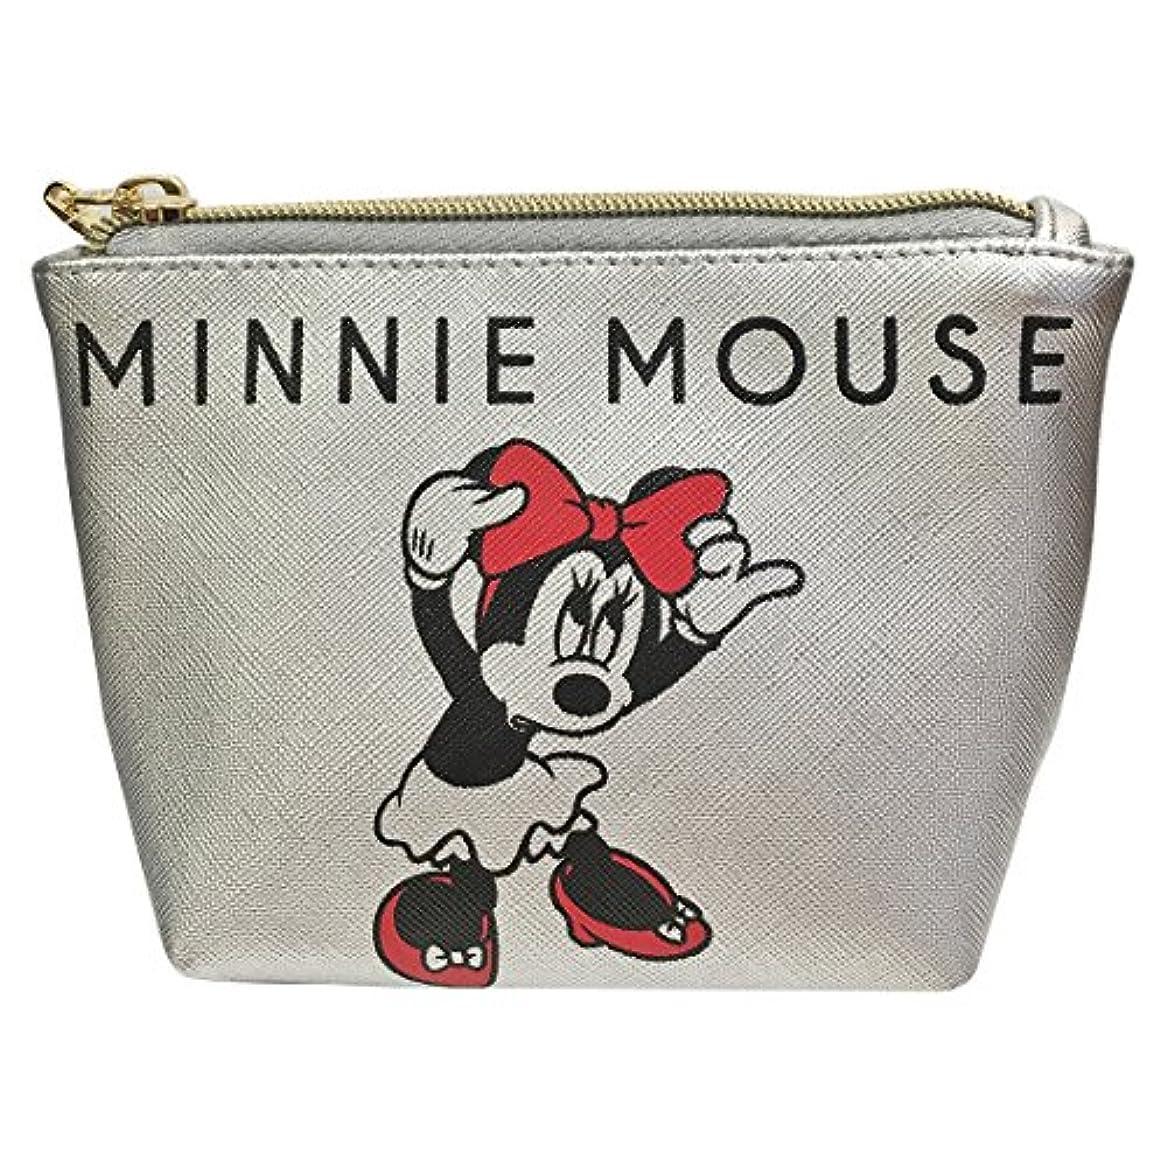 オン敗北満足ディズニー シボ合皮ポーチ ミッキーマウス&ミニーマウス APDS3442